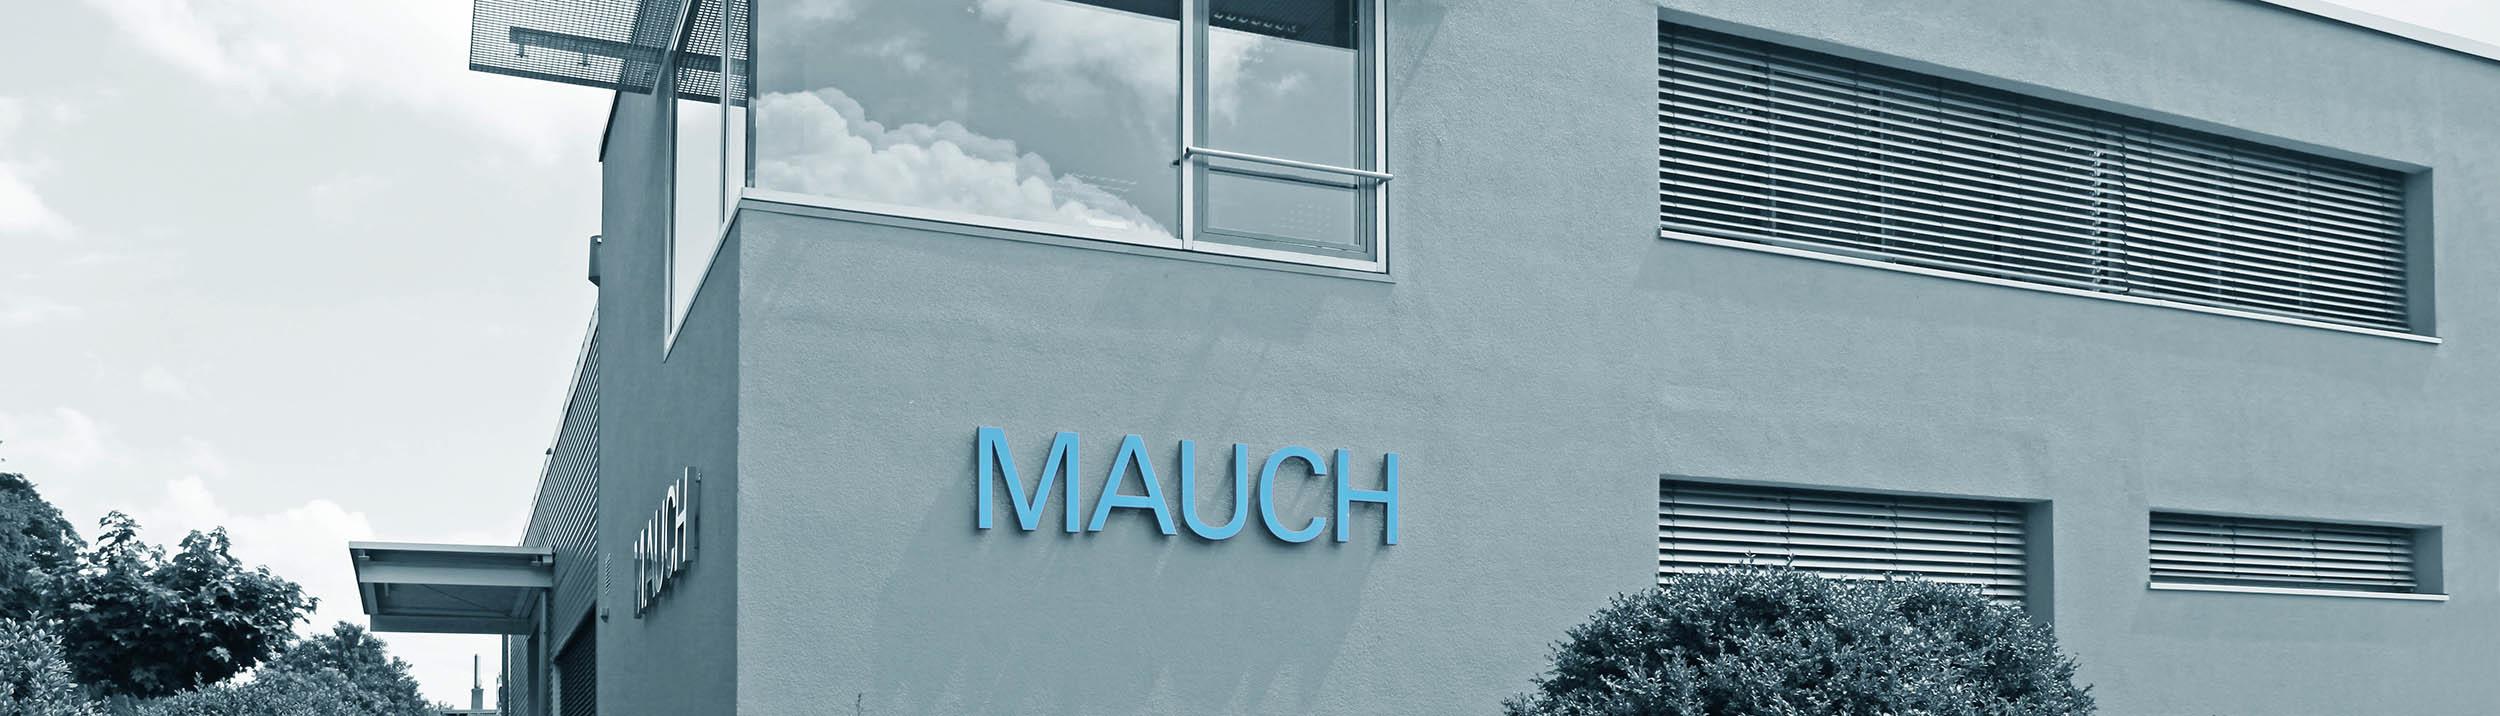 Mauch GmbH – Sondermaschinenbau und Automation – special purpose machinery & Automation Technology, Stuttgart, Karlsruhe, Heilbronn, Pforzheim, Mühlacker